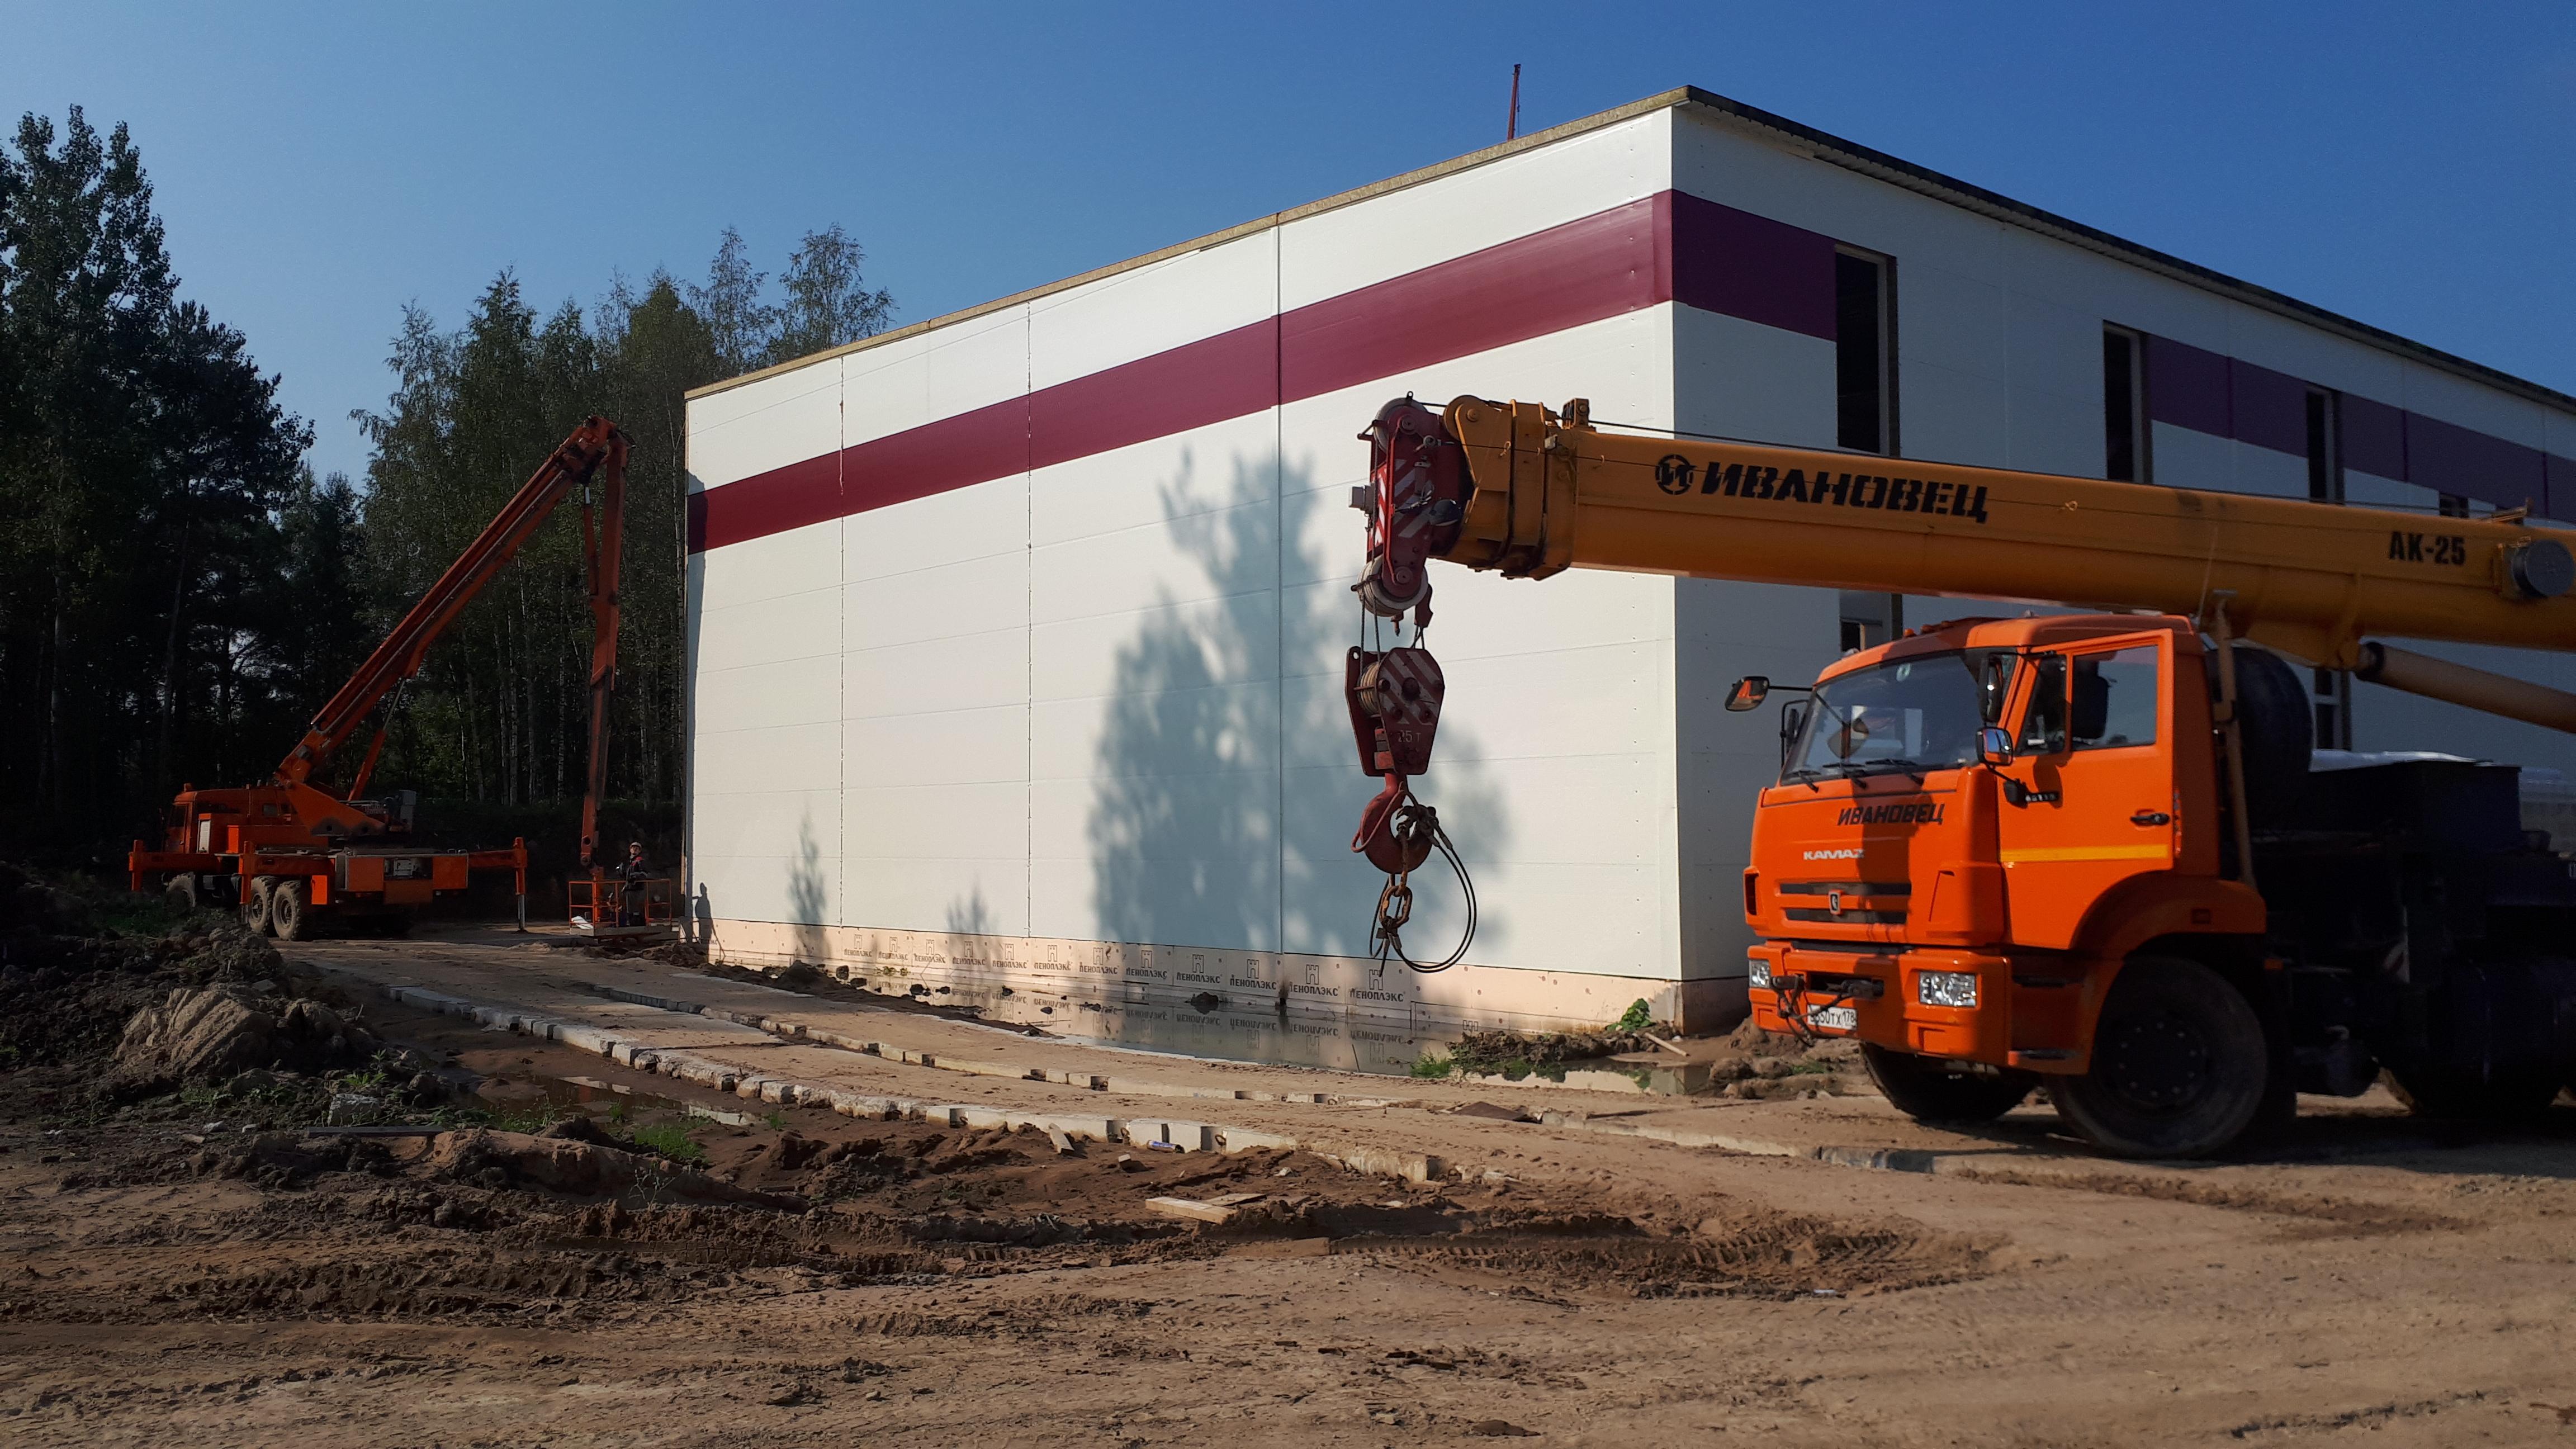 строительство Строительство комплекса по производству сухих пищевых смесей в Ломоносовском районе. компания севзапстальконструкция . сзск